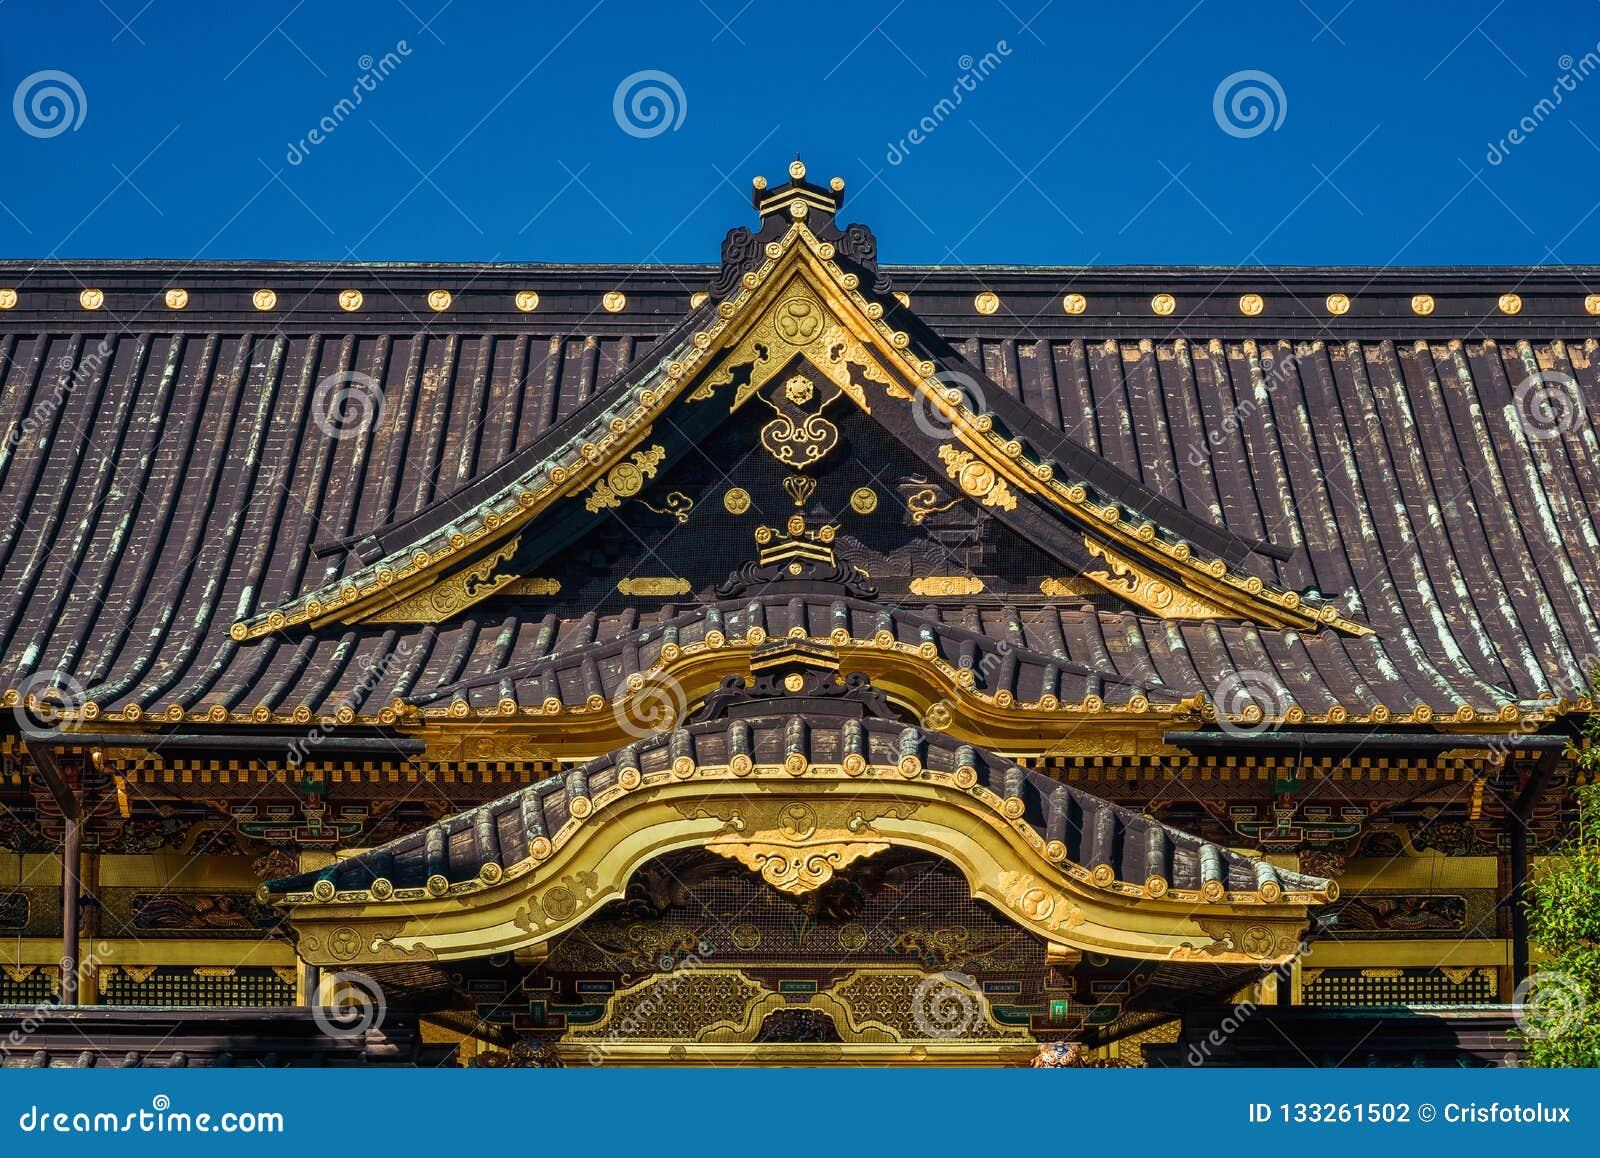 Tosho-gu Shinto shrine in Tokyo